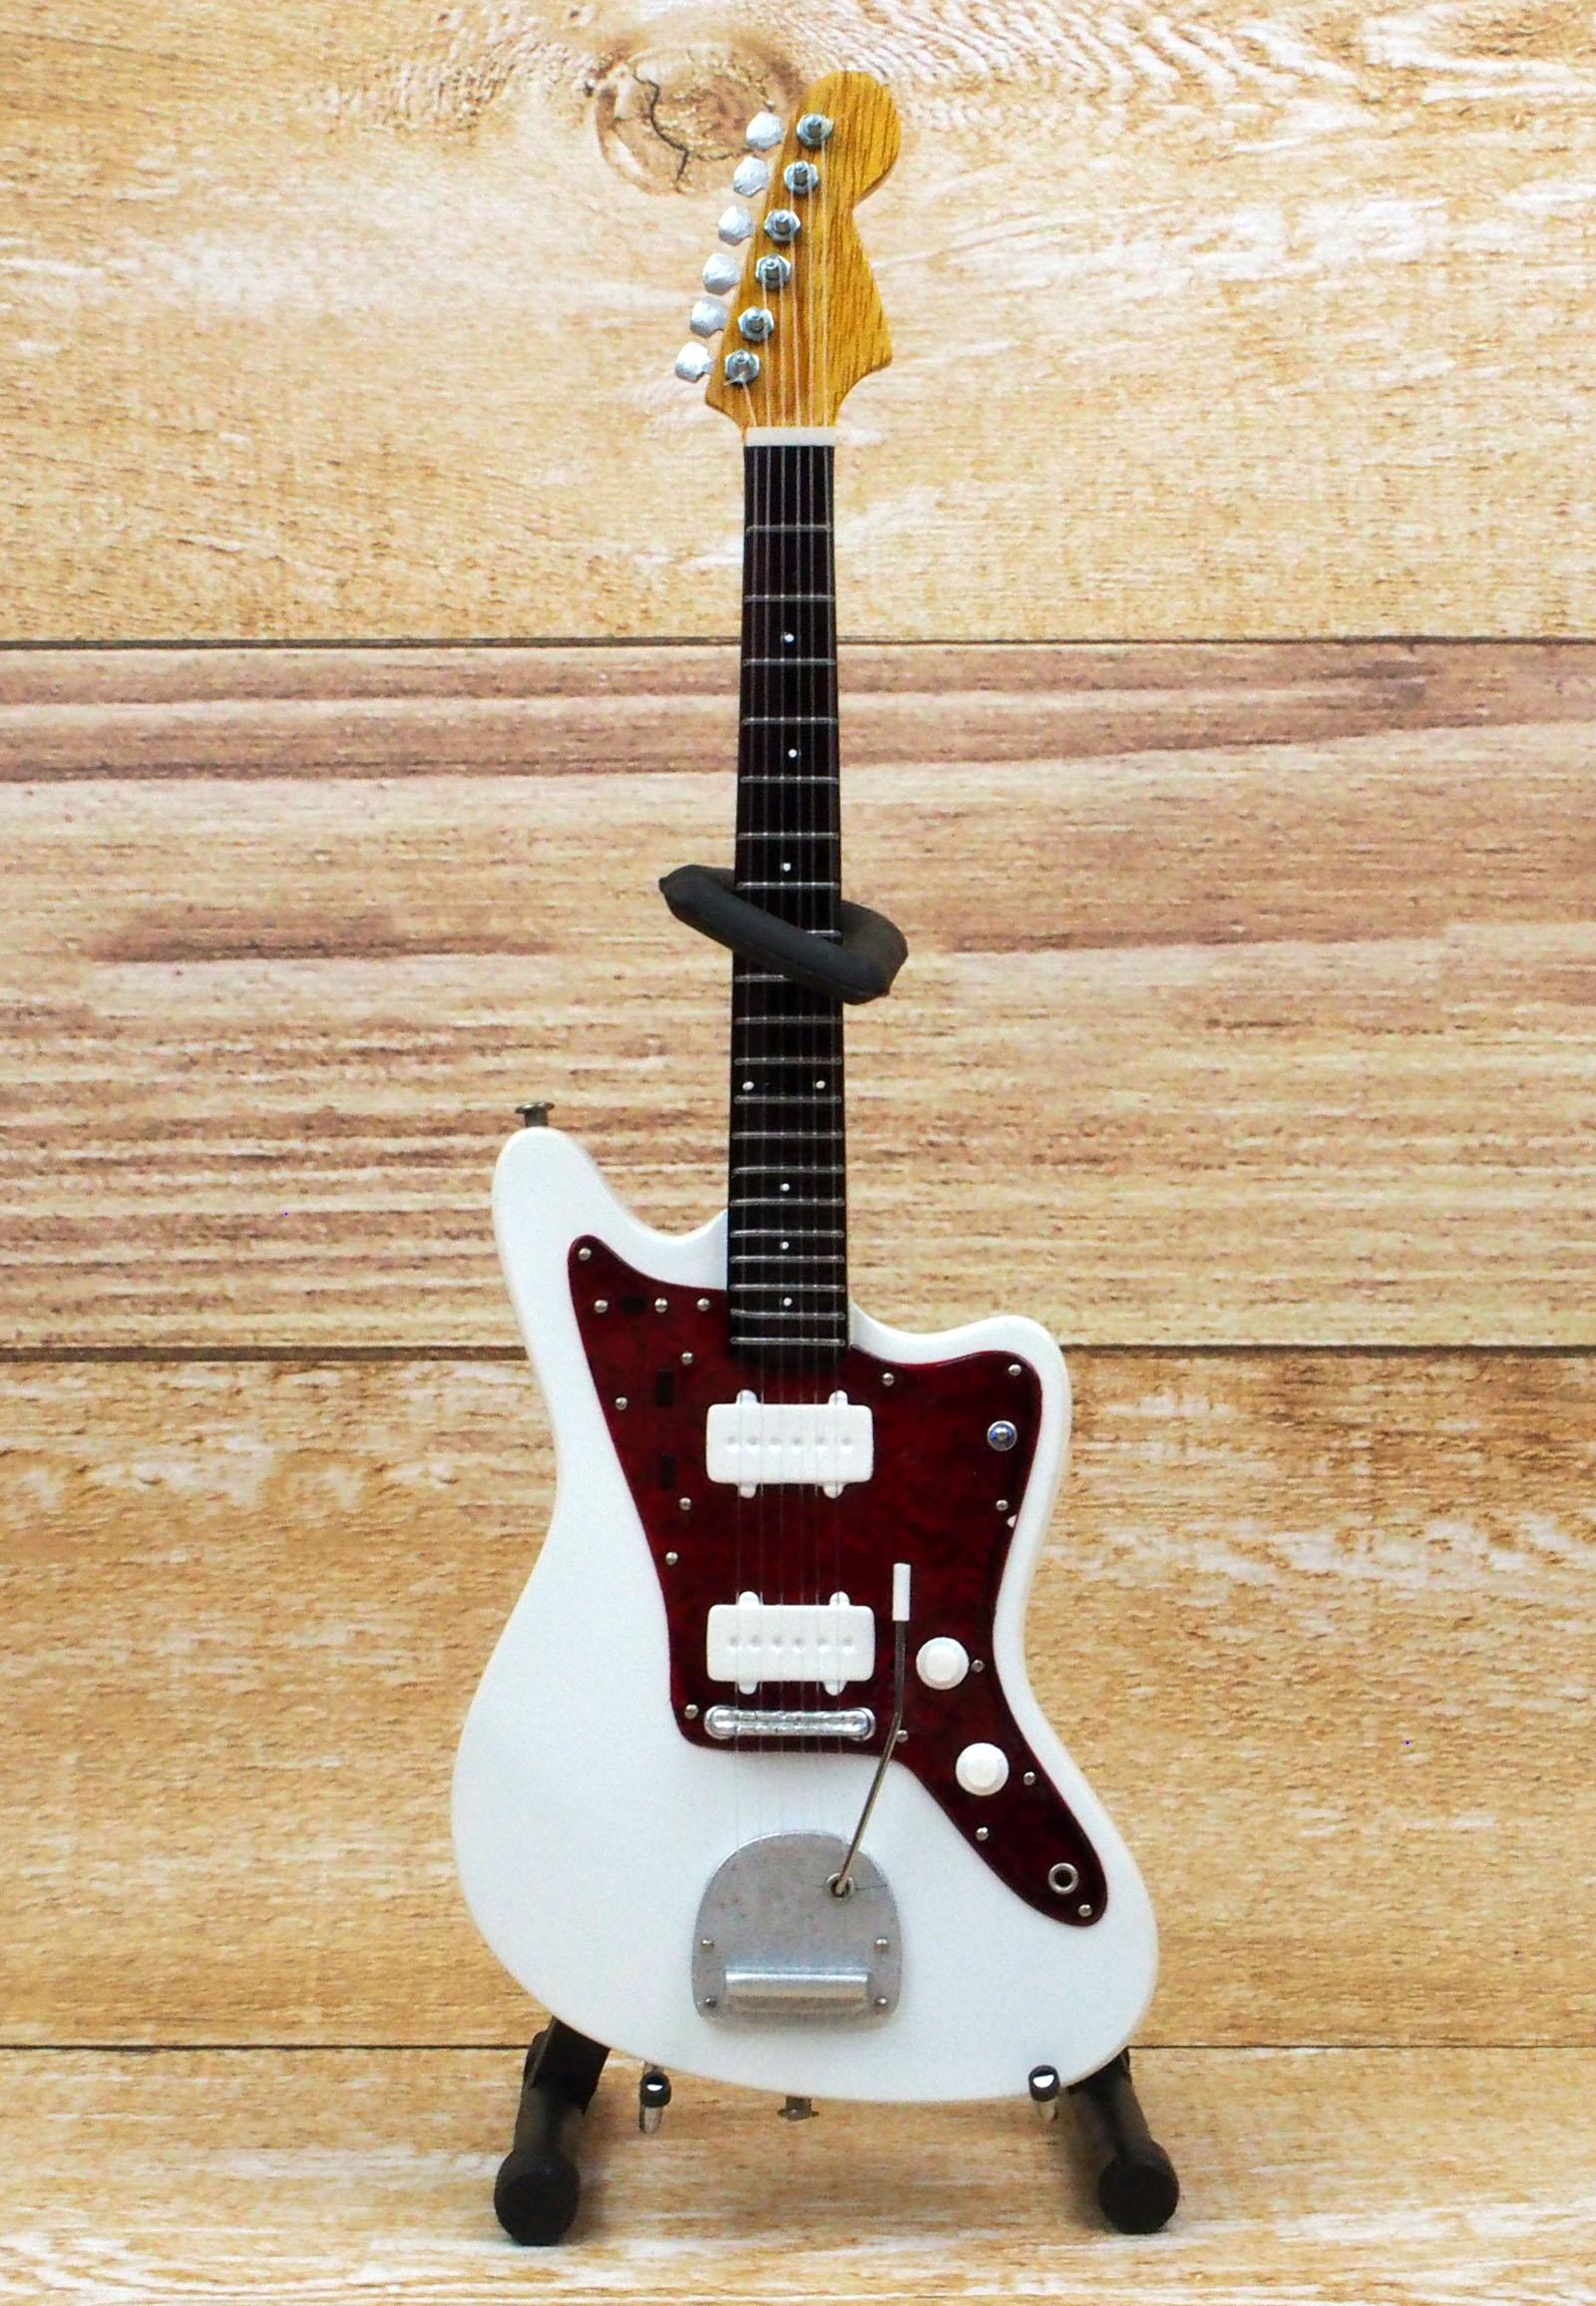 Musical Story ミニチュア ギター フィギュア 60's JM スタイル ホワイトカラー 画像